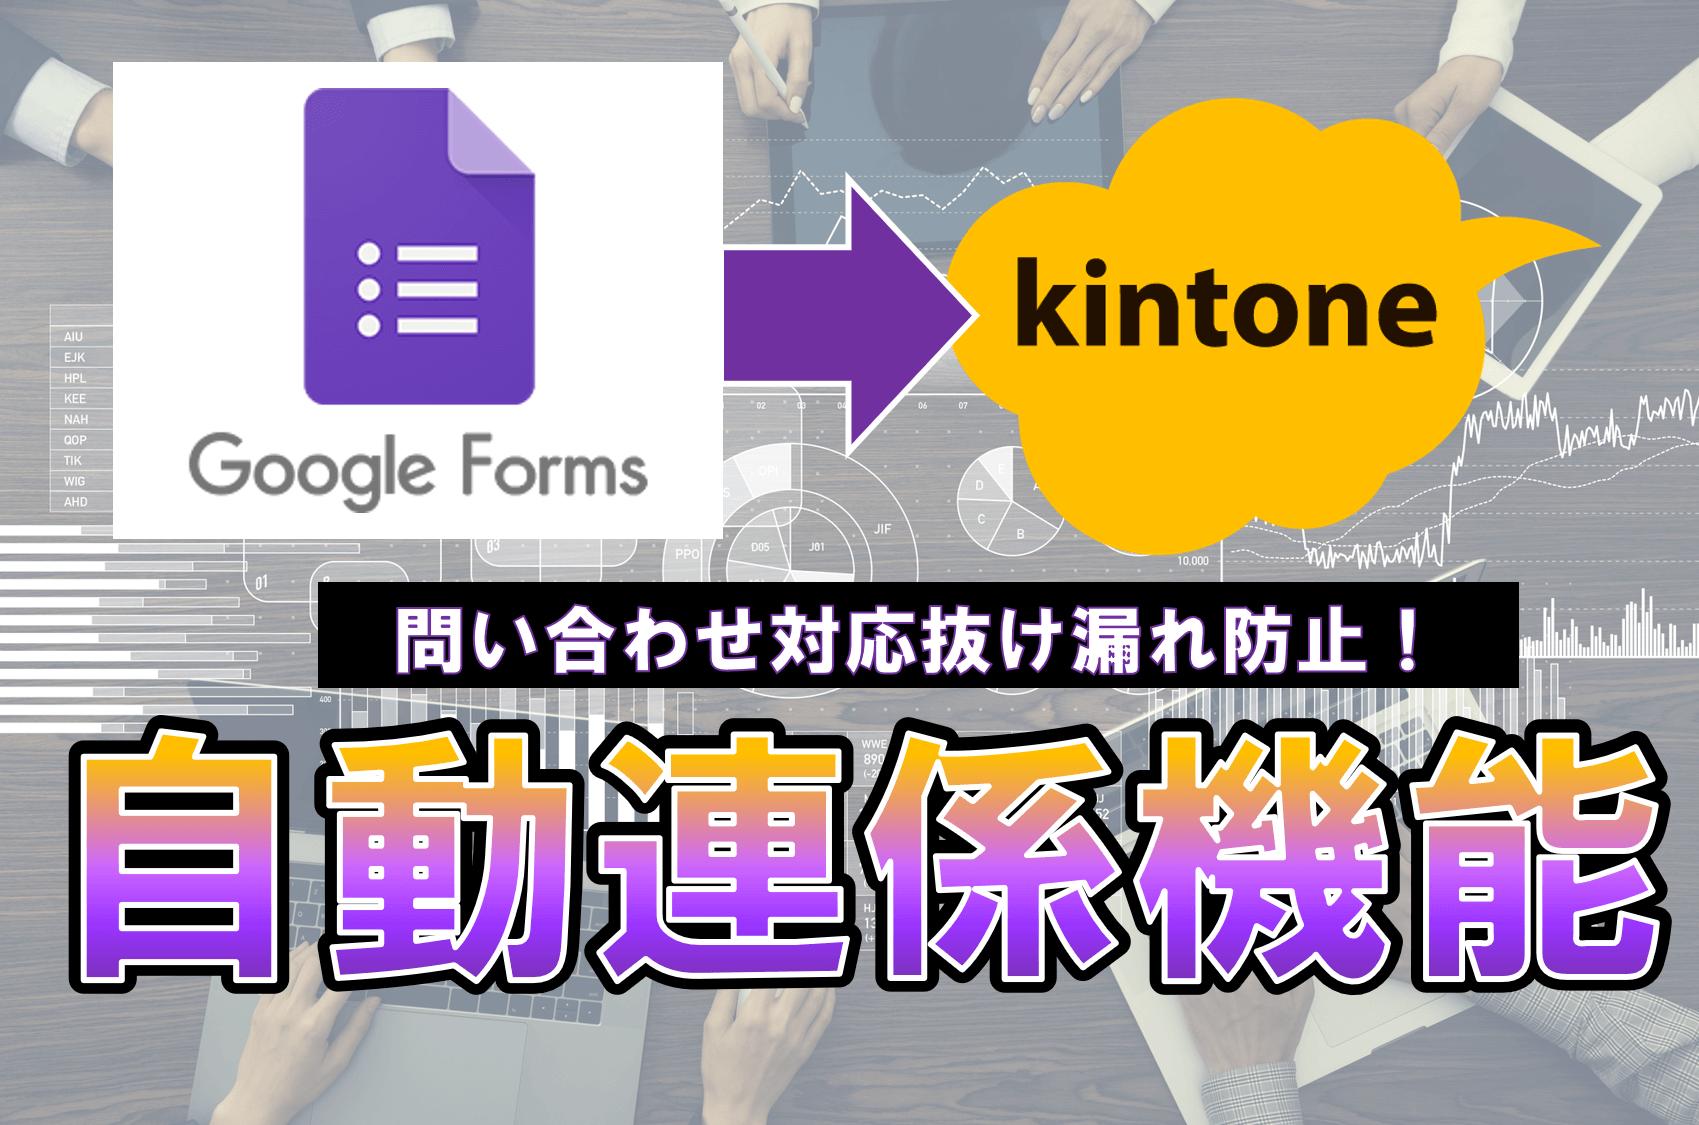 Googleフォーム×kintone(キントーン)連携で抜け・漏れなしの問い合わせ対応